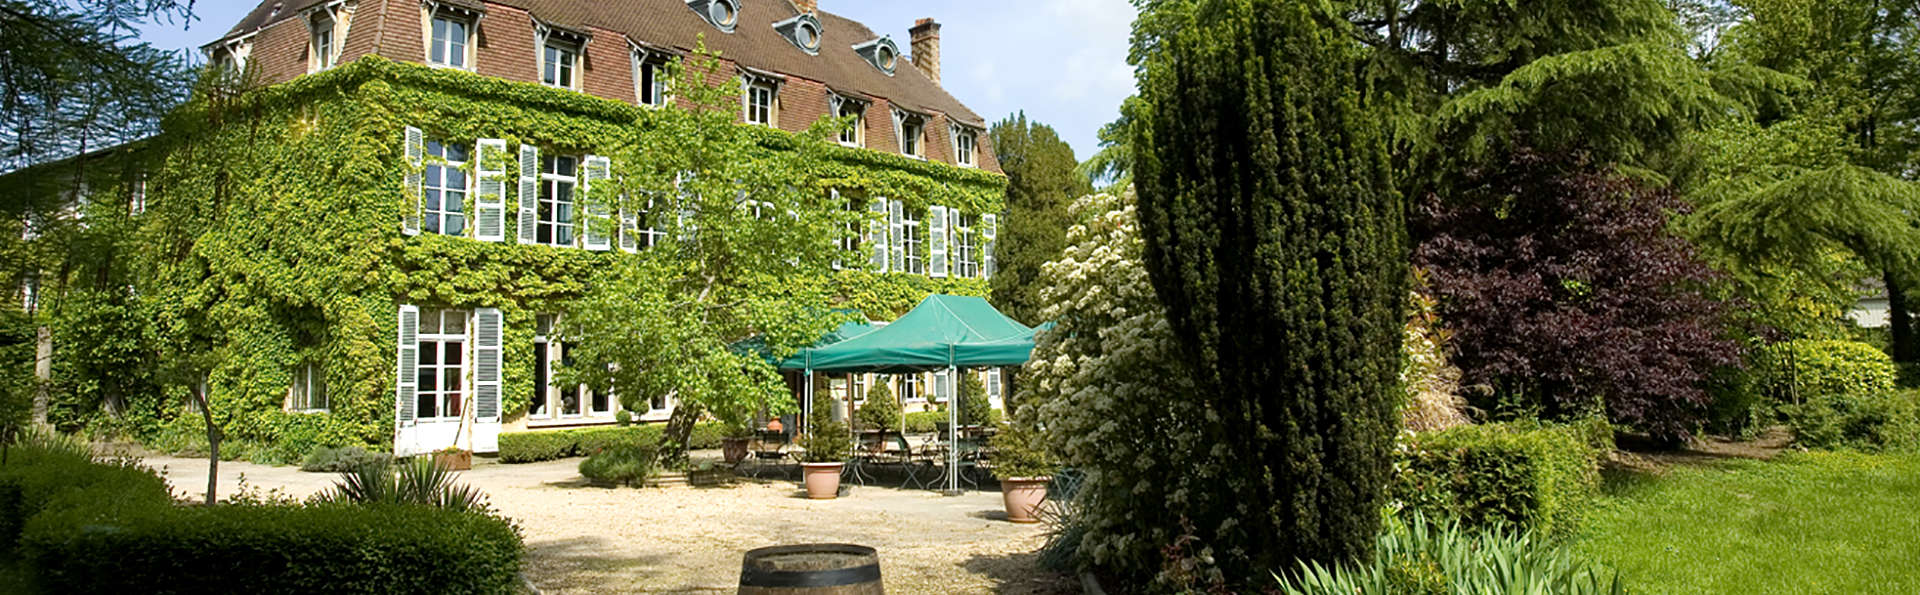 Hotel The Originals Hostellerie Château de la Barge (ex Relais du Silence) - Edit_Front4.jpg